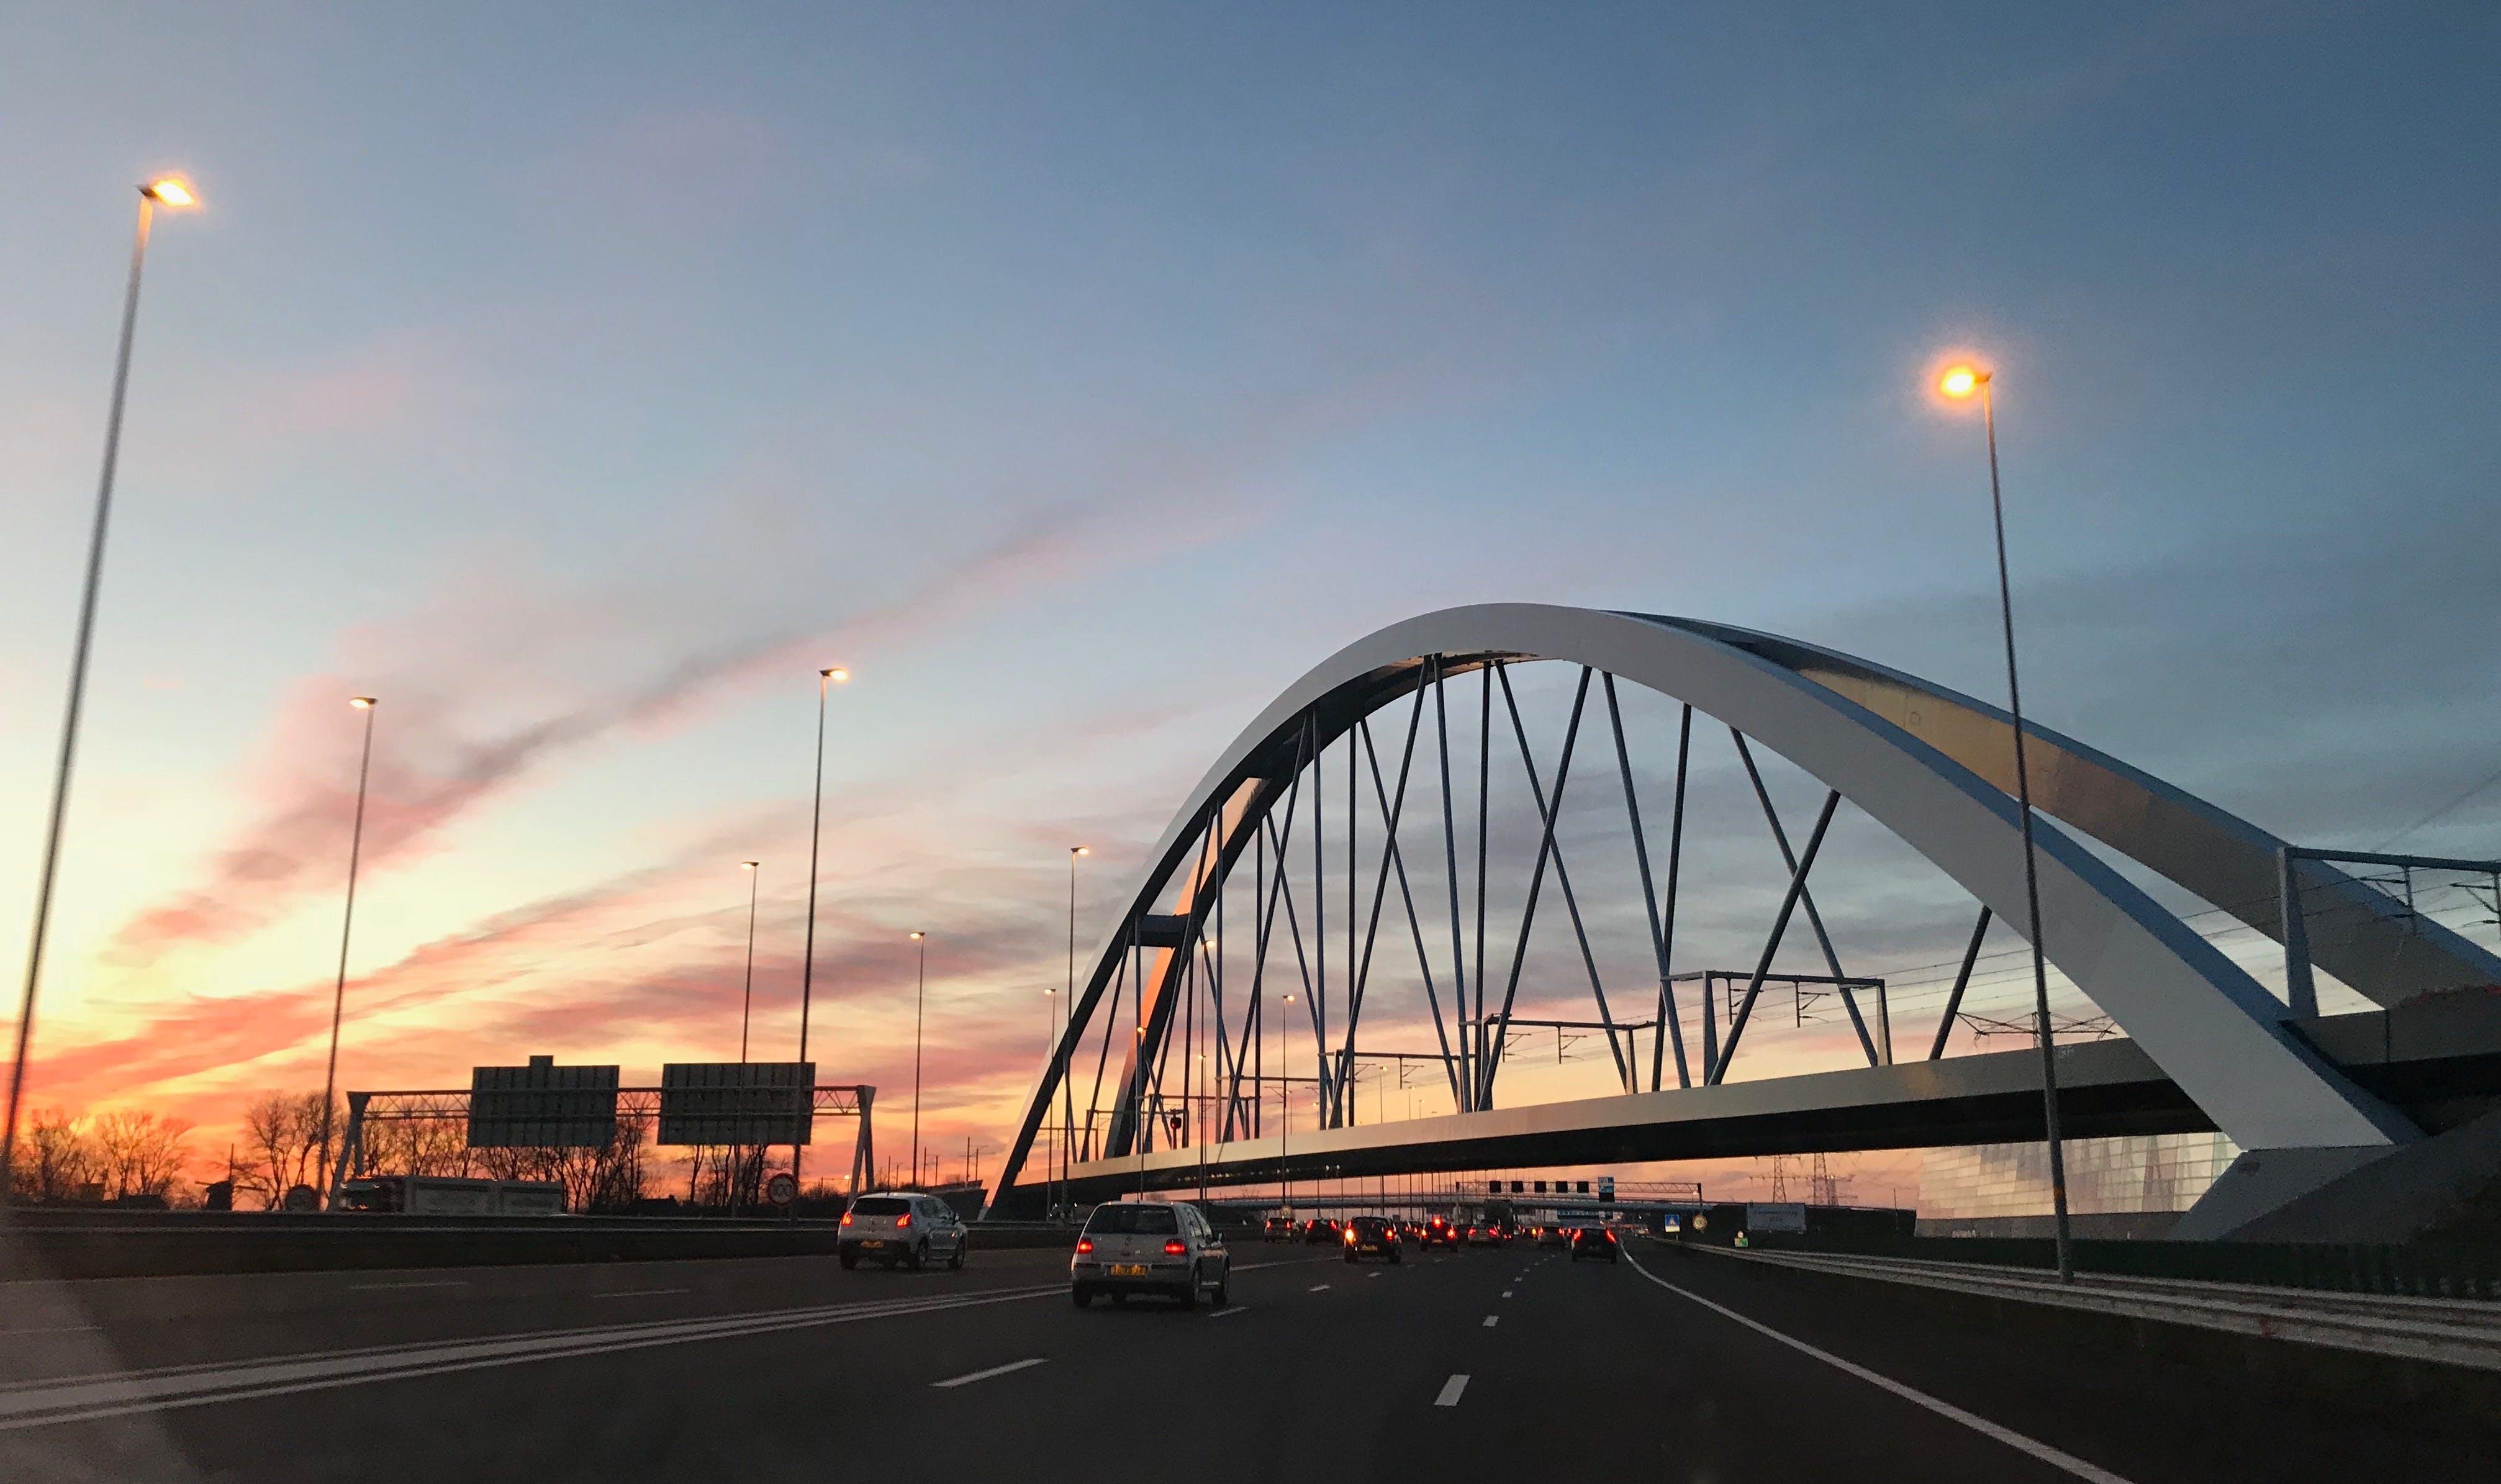 Безкоштовне стокове фото на тему «автомобілі, залізниця, залізничний міст, Захід сонця»